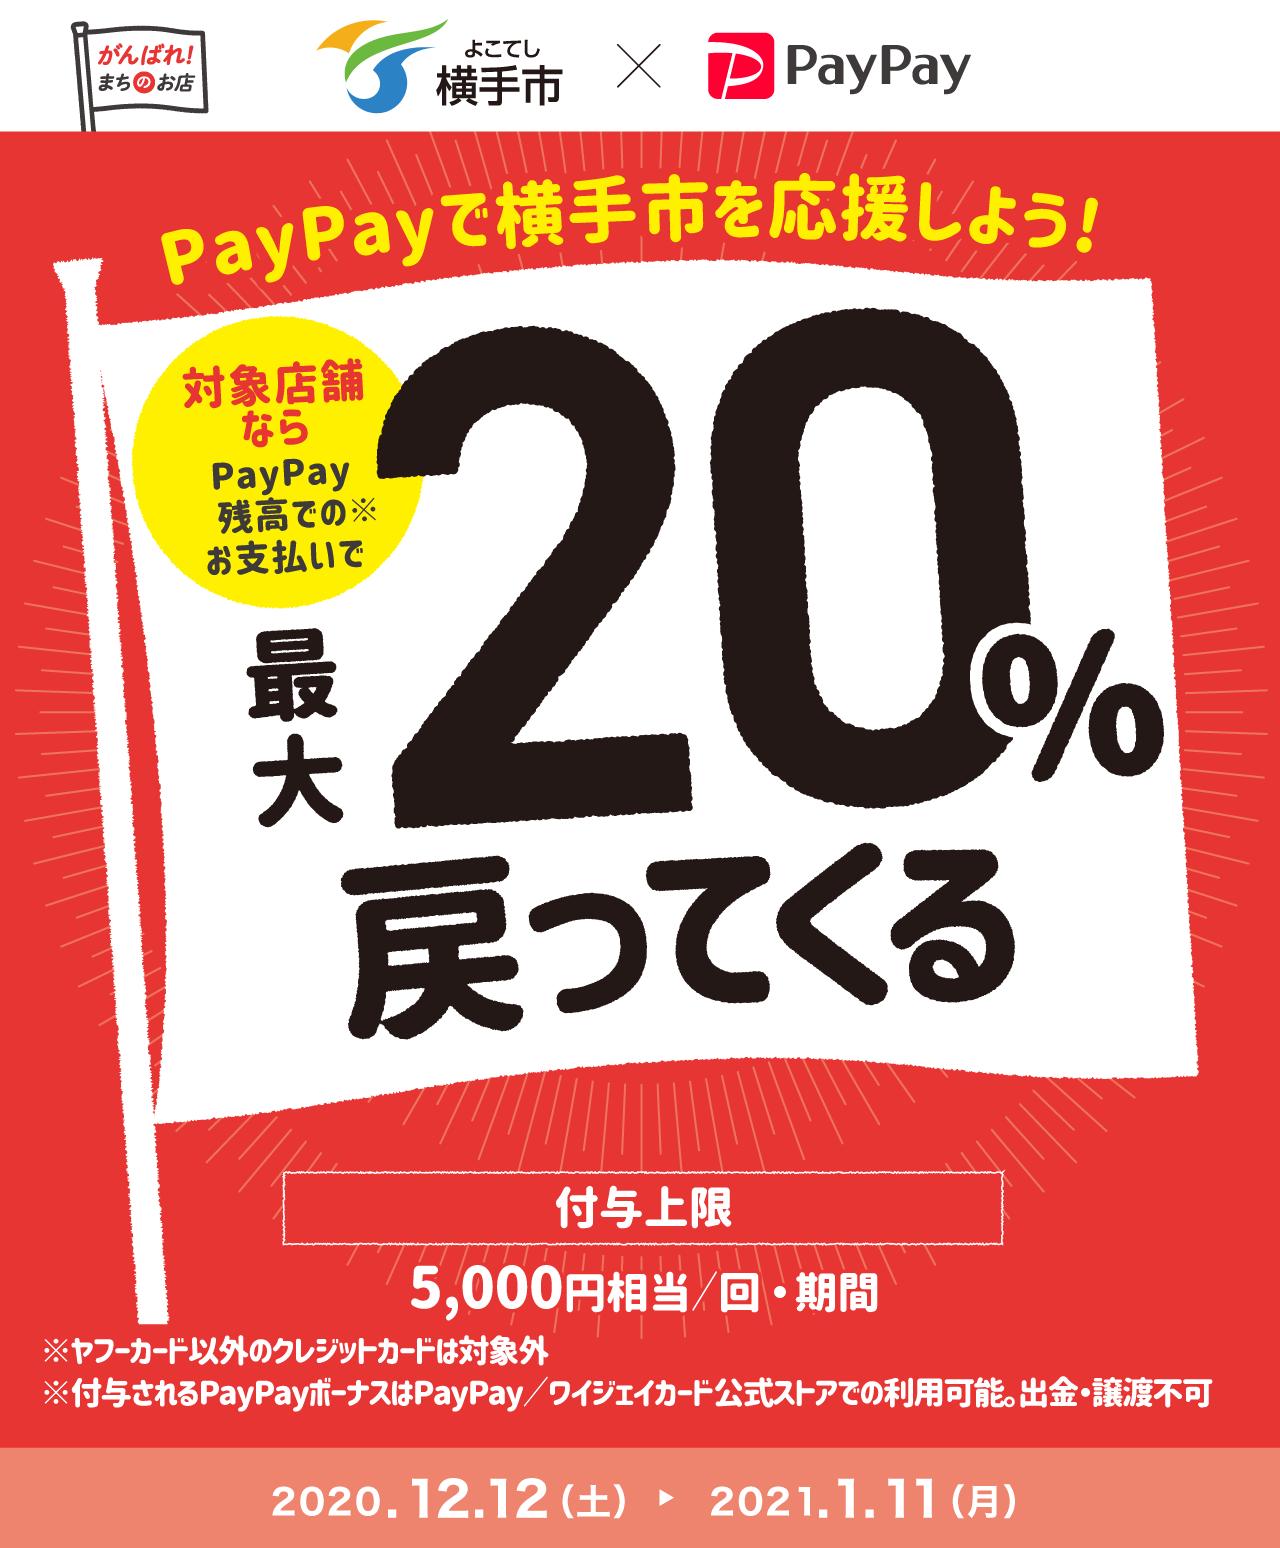 PayPayで横手市を応援しよう! 対象店舗ならPayPay残高でのお支払いで 最大20%戻ってくる